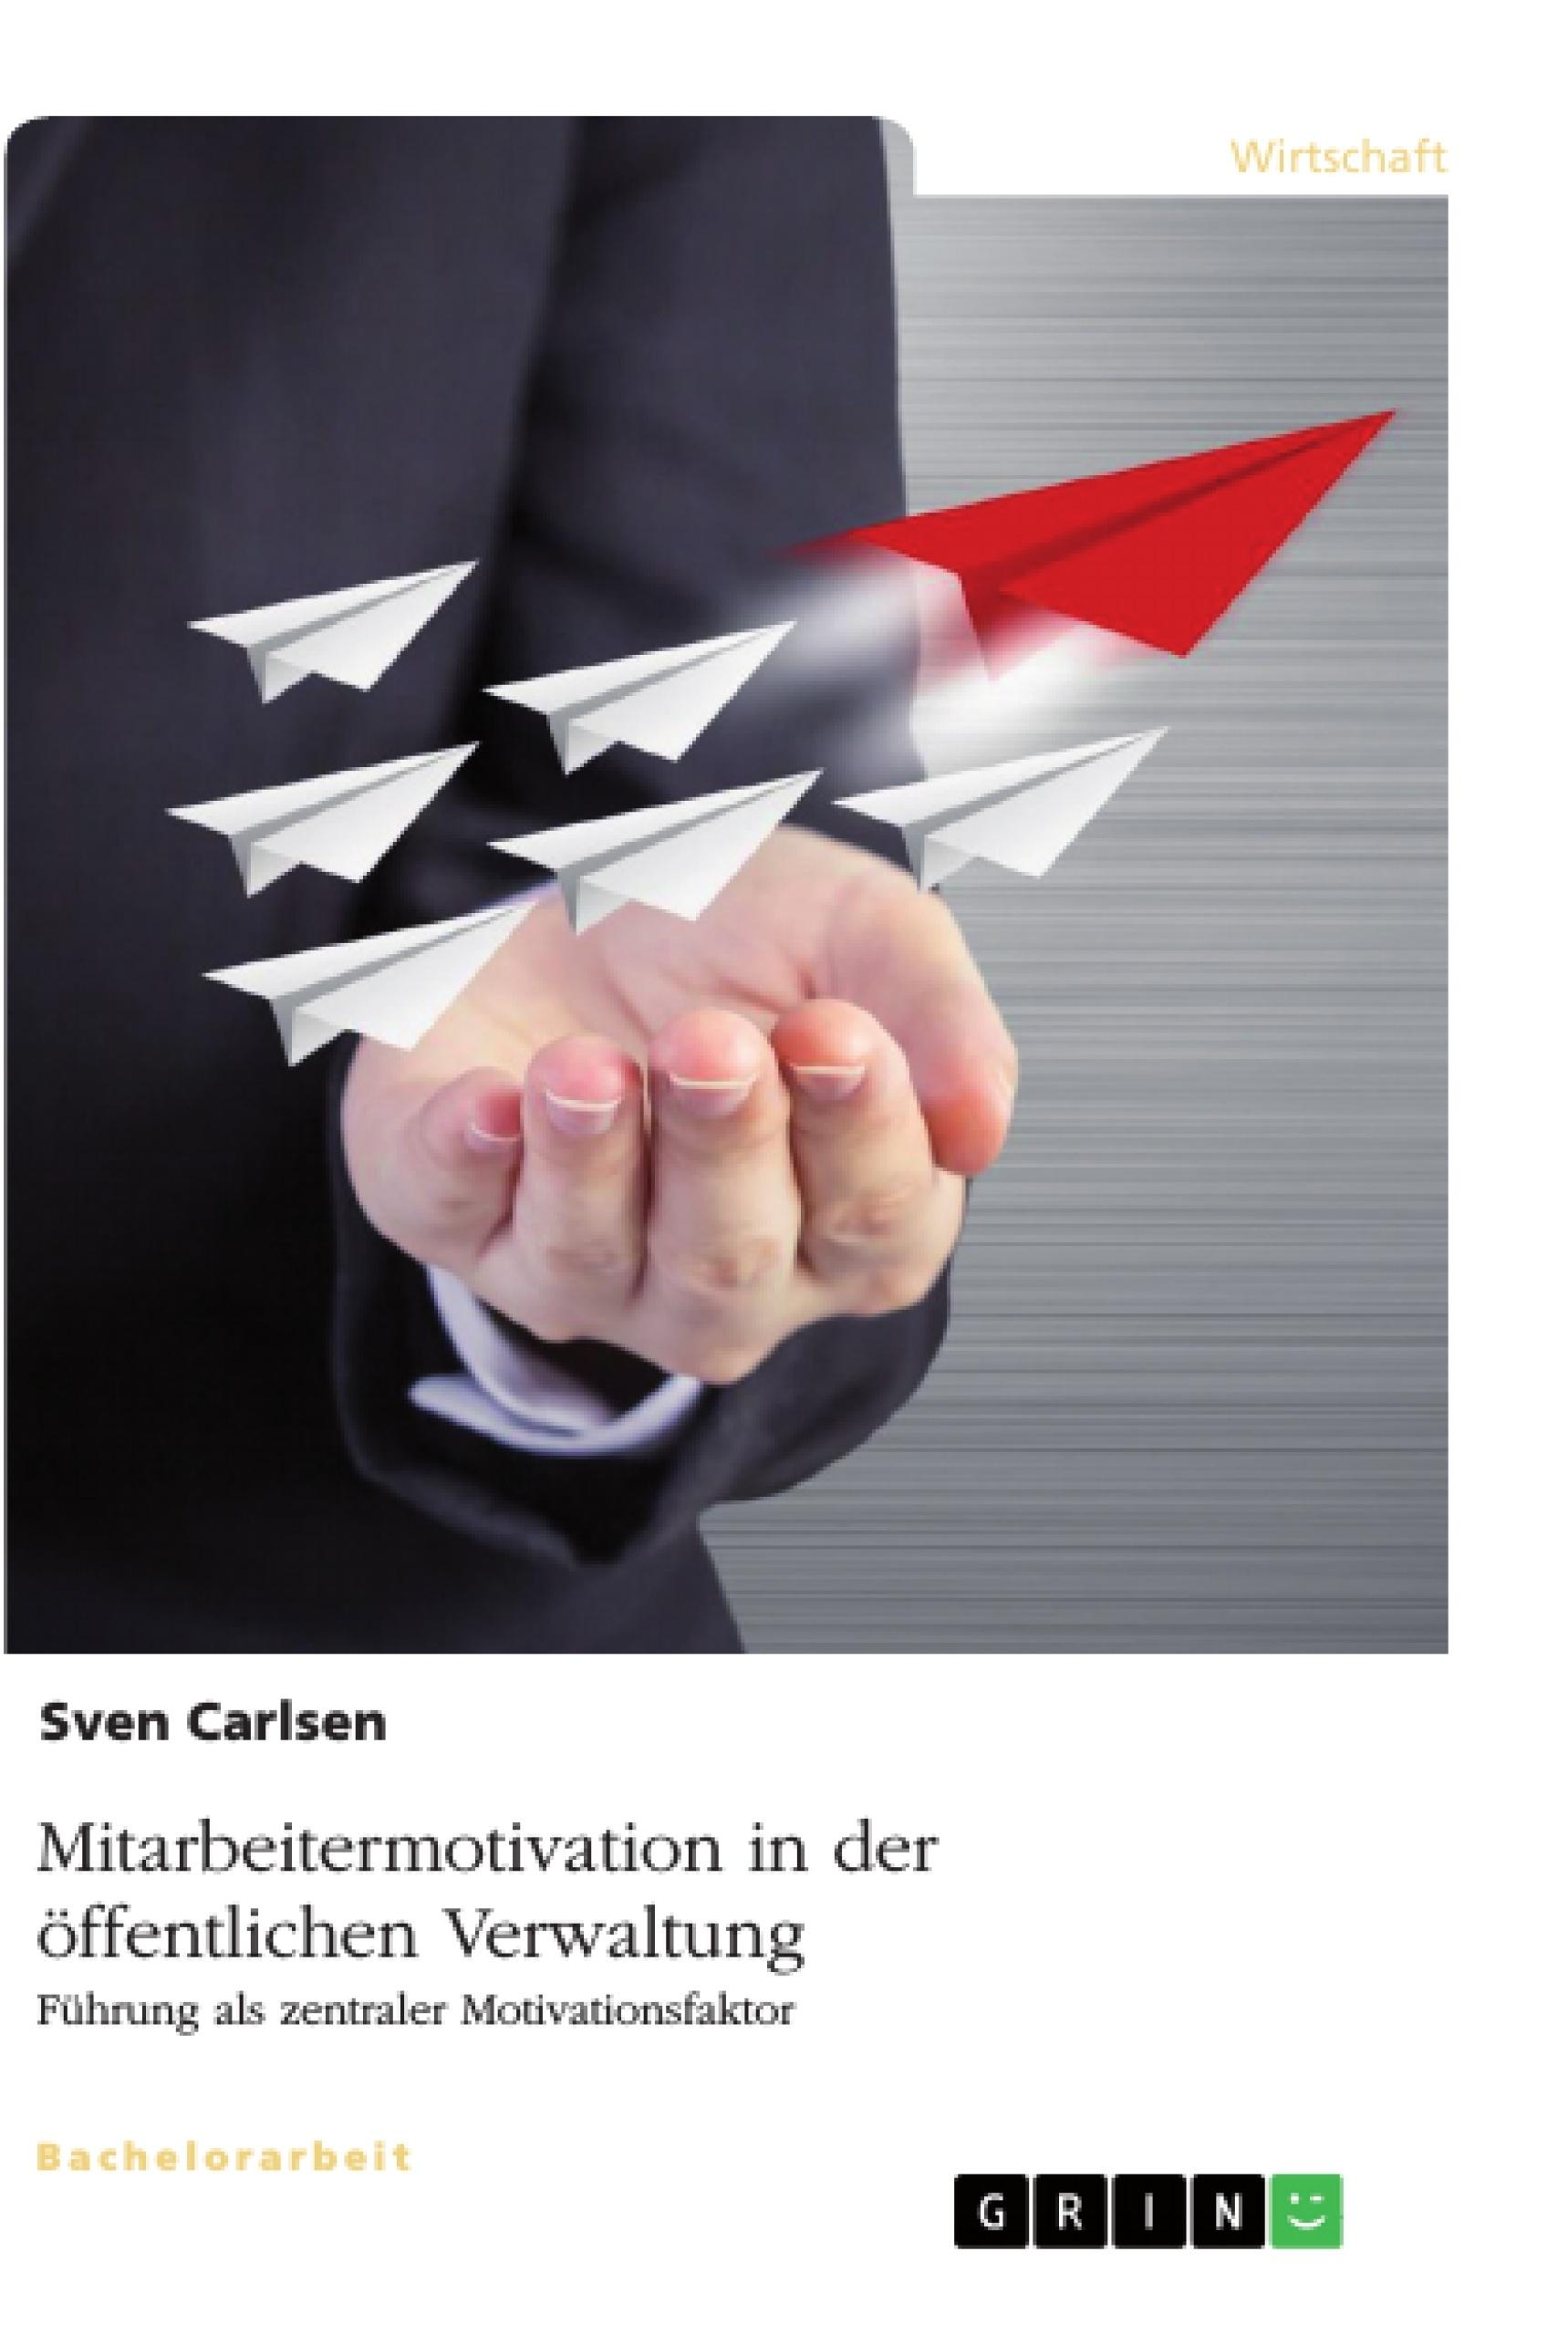 Titel: Mitarbeitermotivation in der öffentlichen Verwaltung